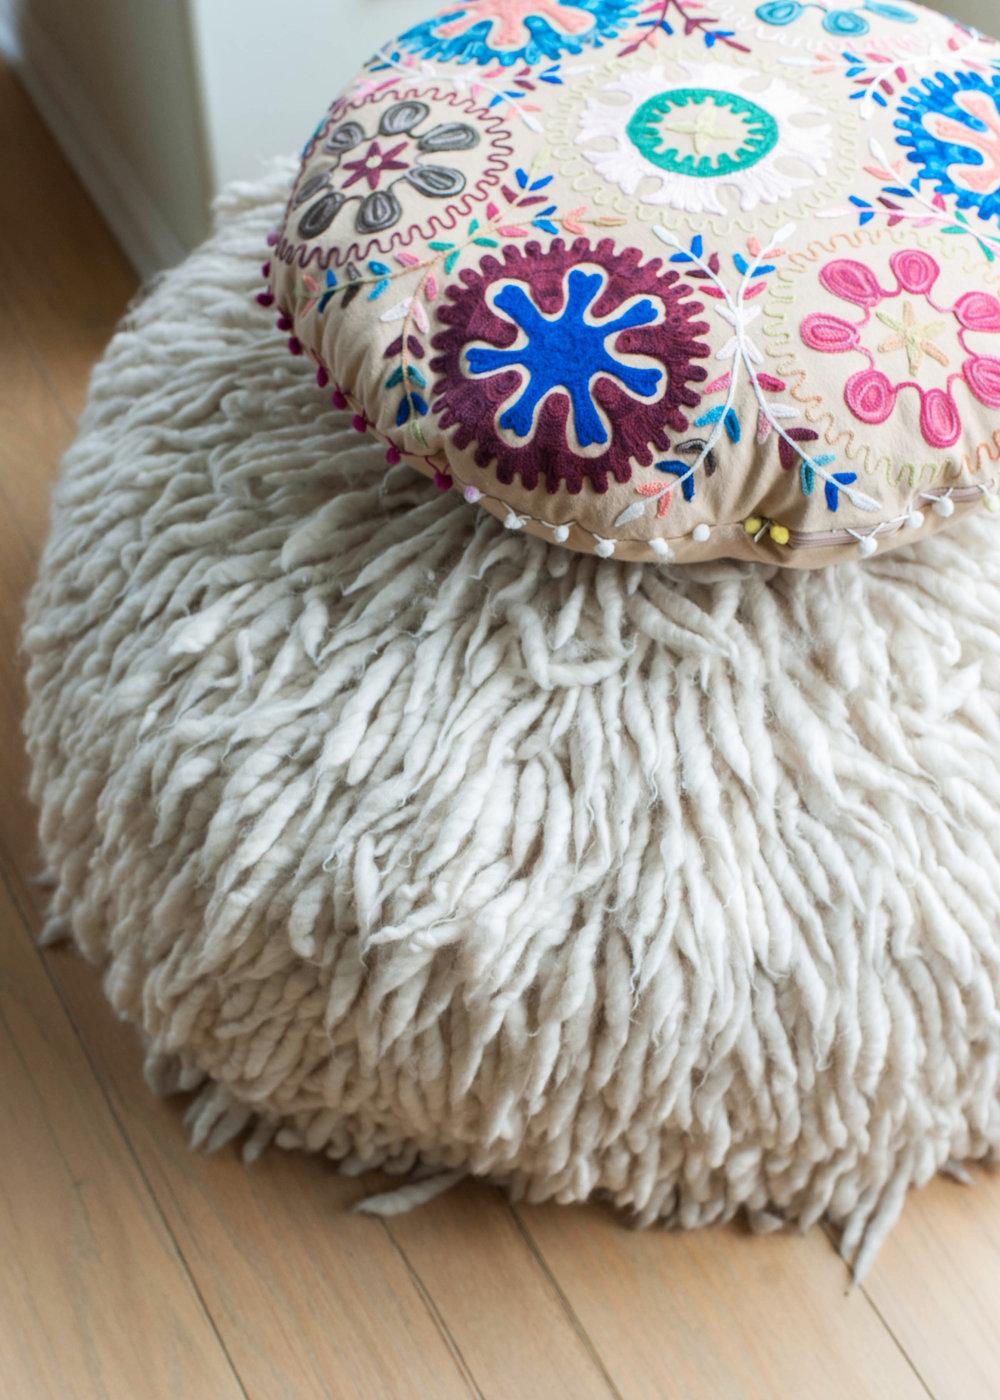 Sarah-barnard-design-soft-furnishings.jpg